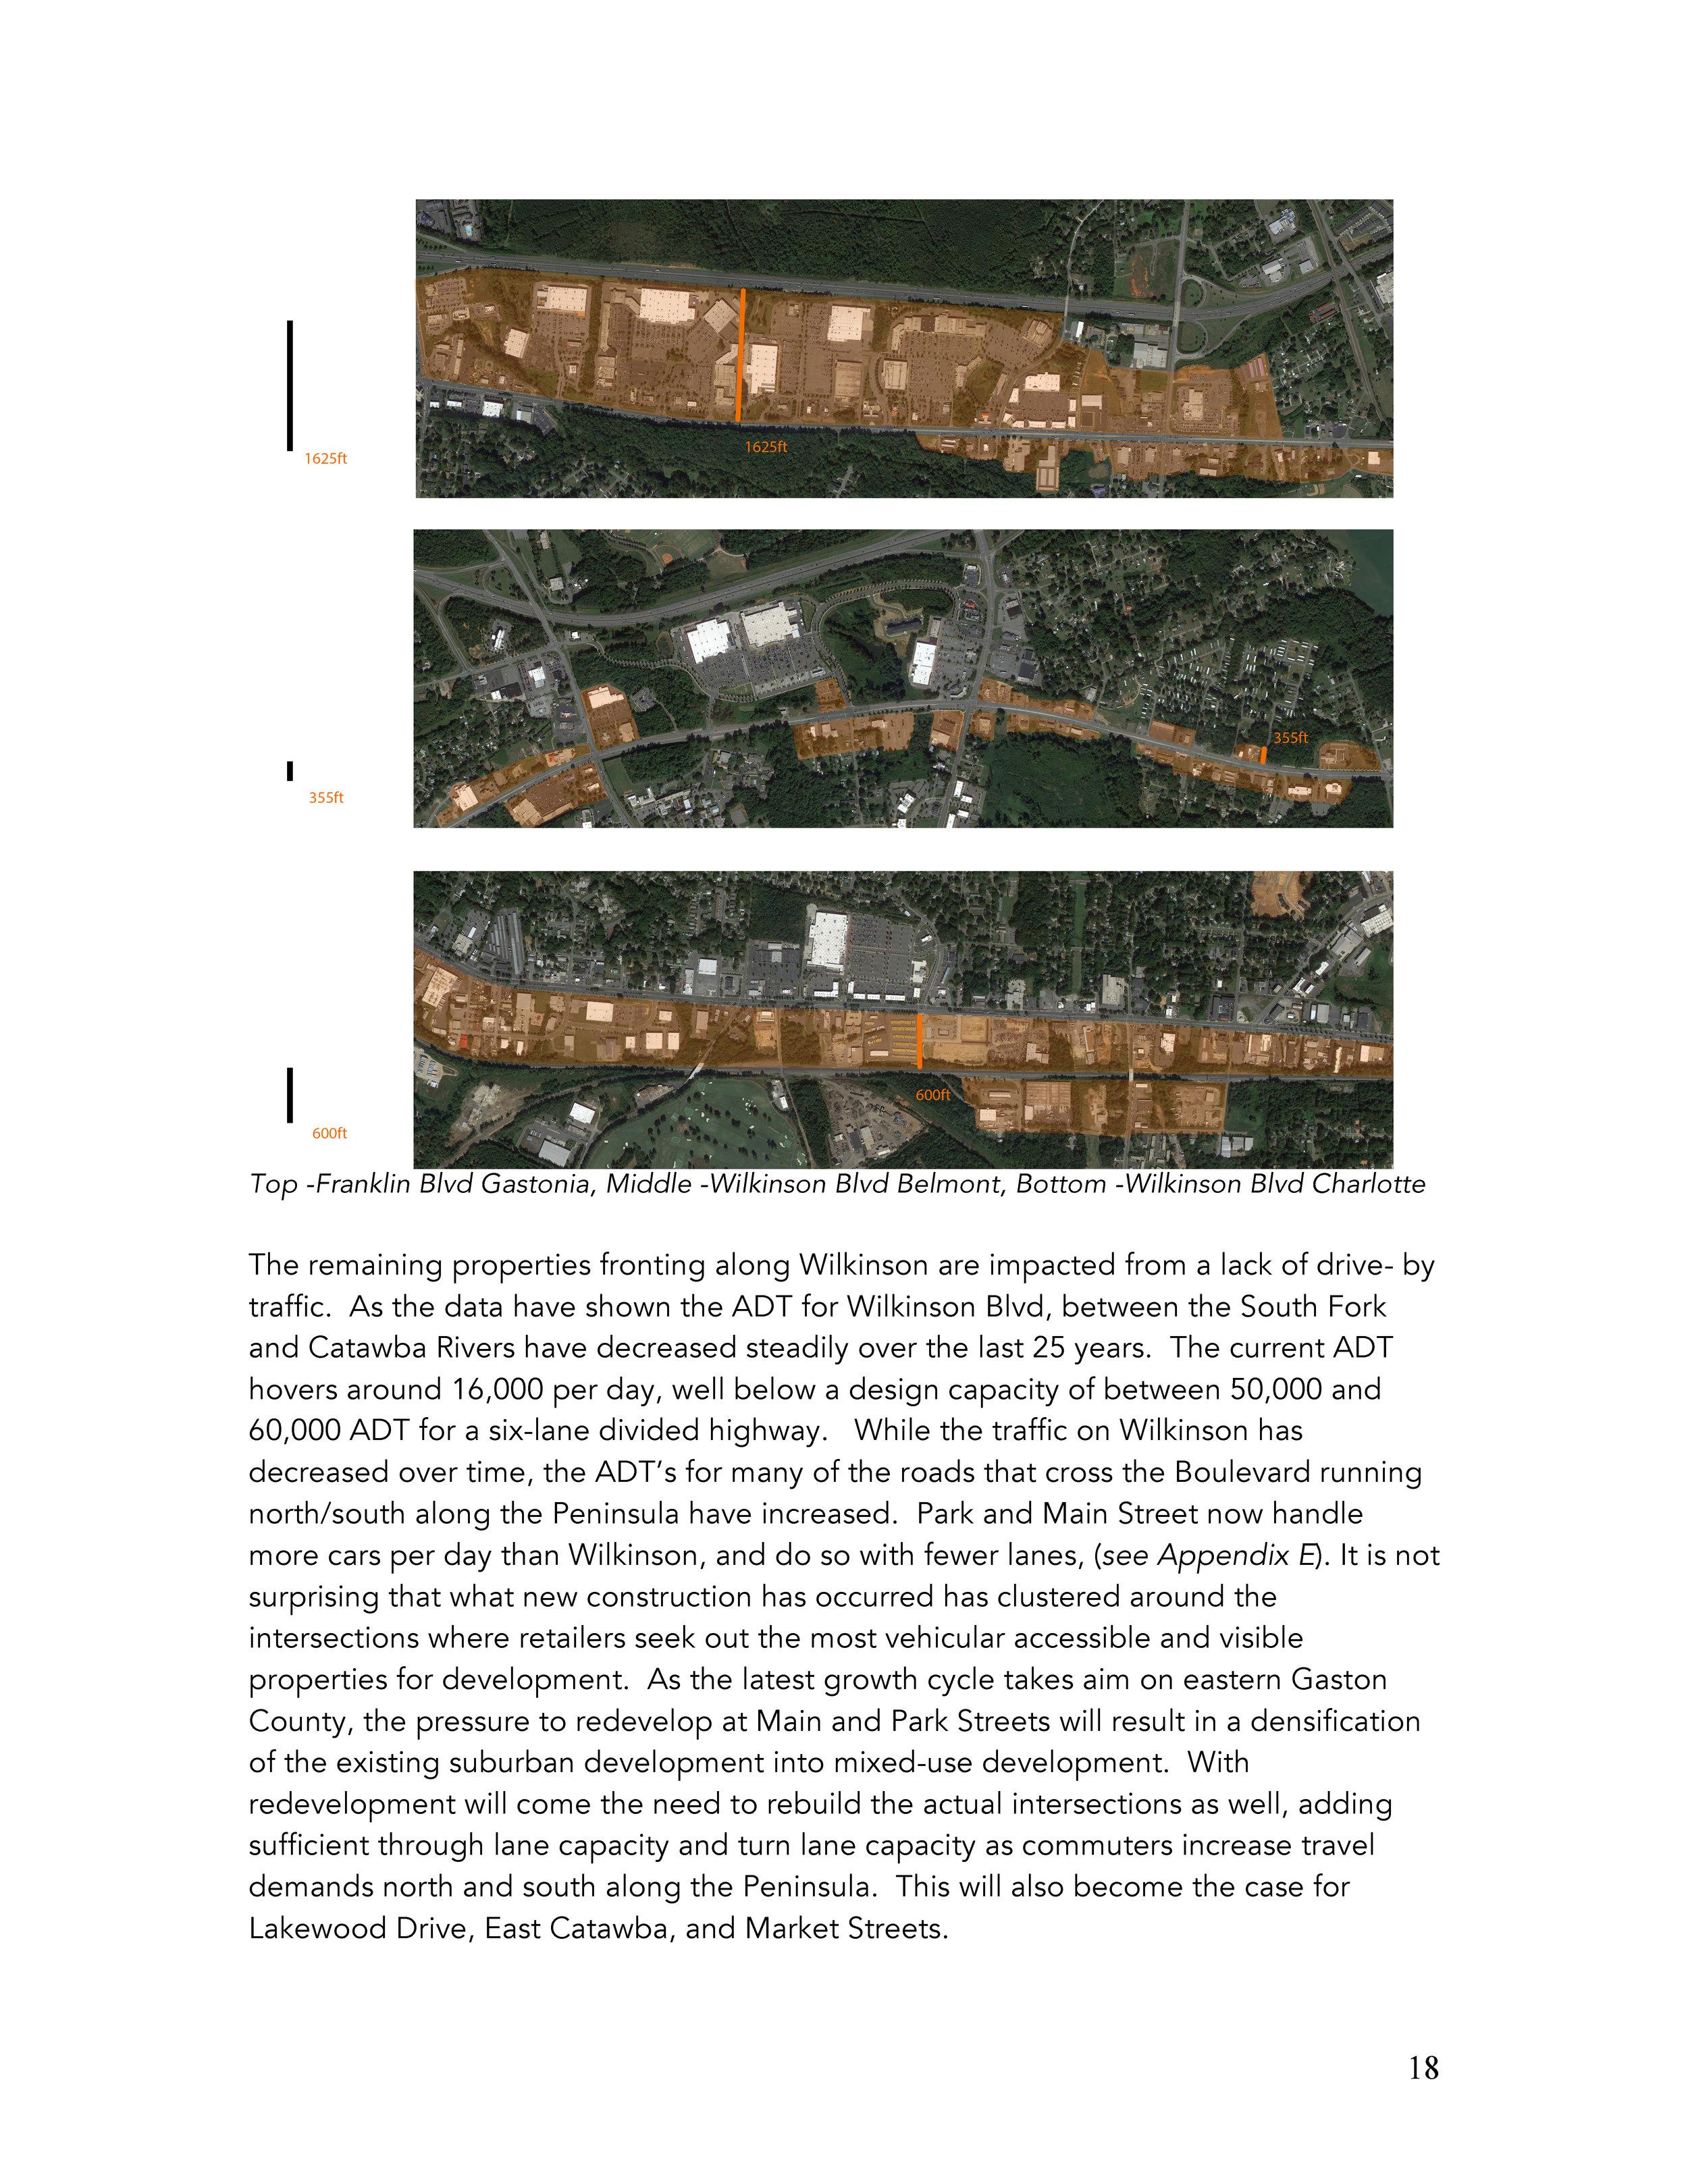 1 WilkinsonBlvd Draft Report 1-22-15 RH_Peter Edit_Page_18.jpg